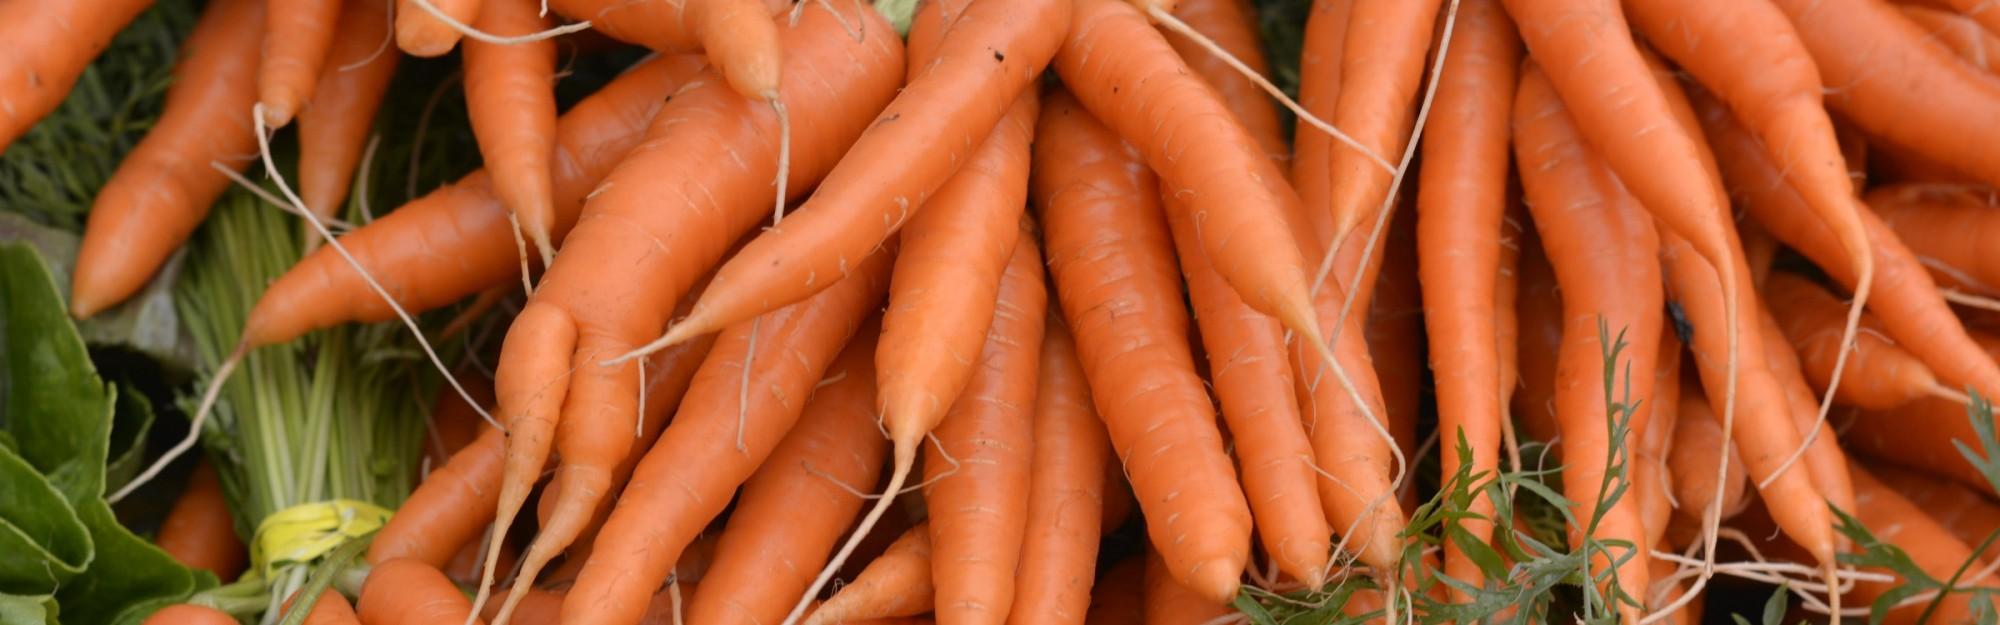 Wie mache ich eine Karottenpfanne?